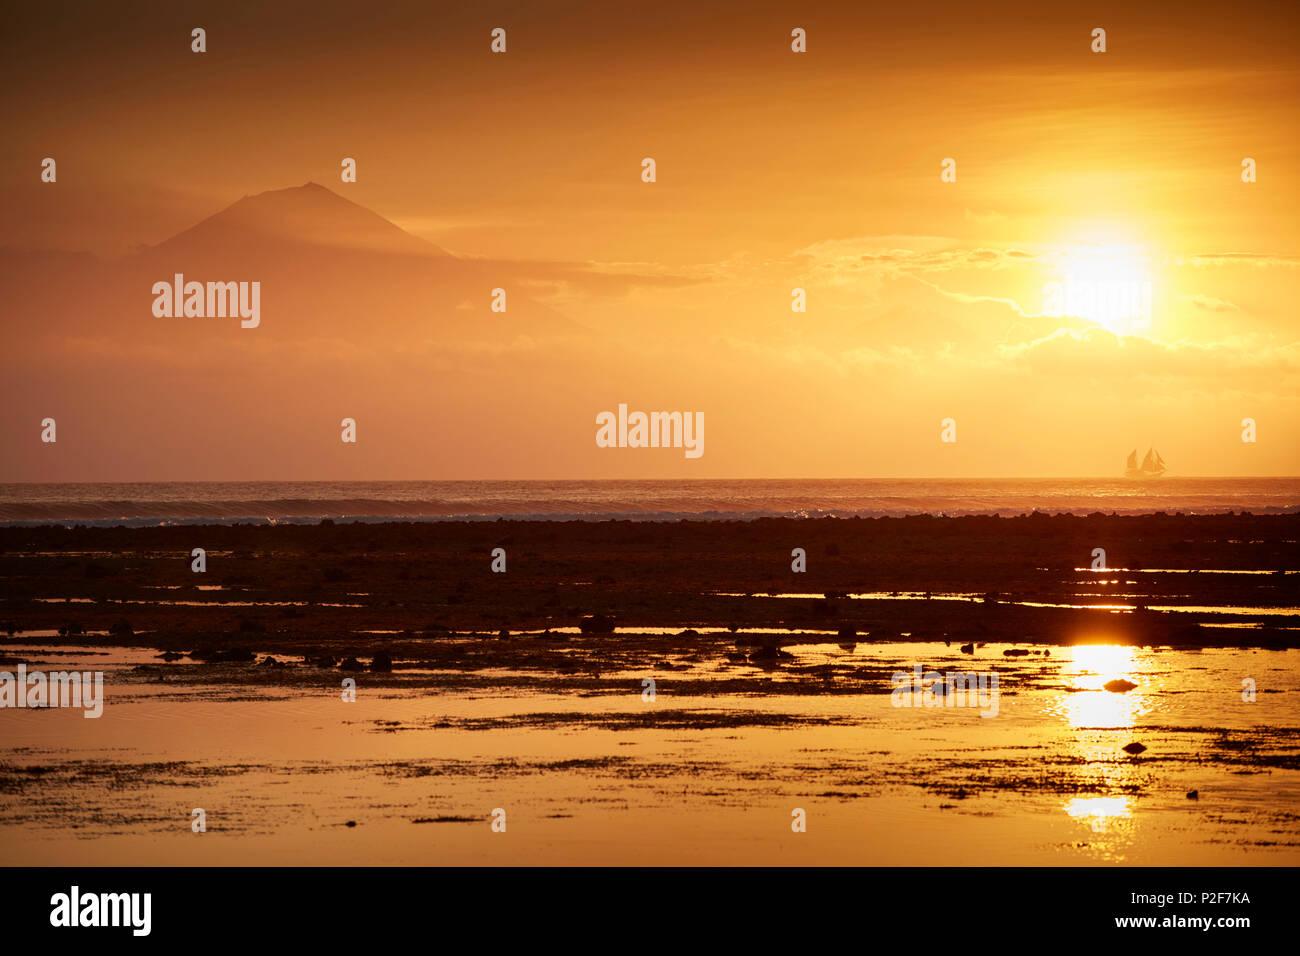 Sonnenuntergang, Blick auf Bali und die Vulkane Agung und Batur, Gili Trawangan, Lombok, Indonesien Stockbild